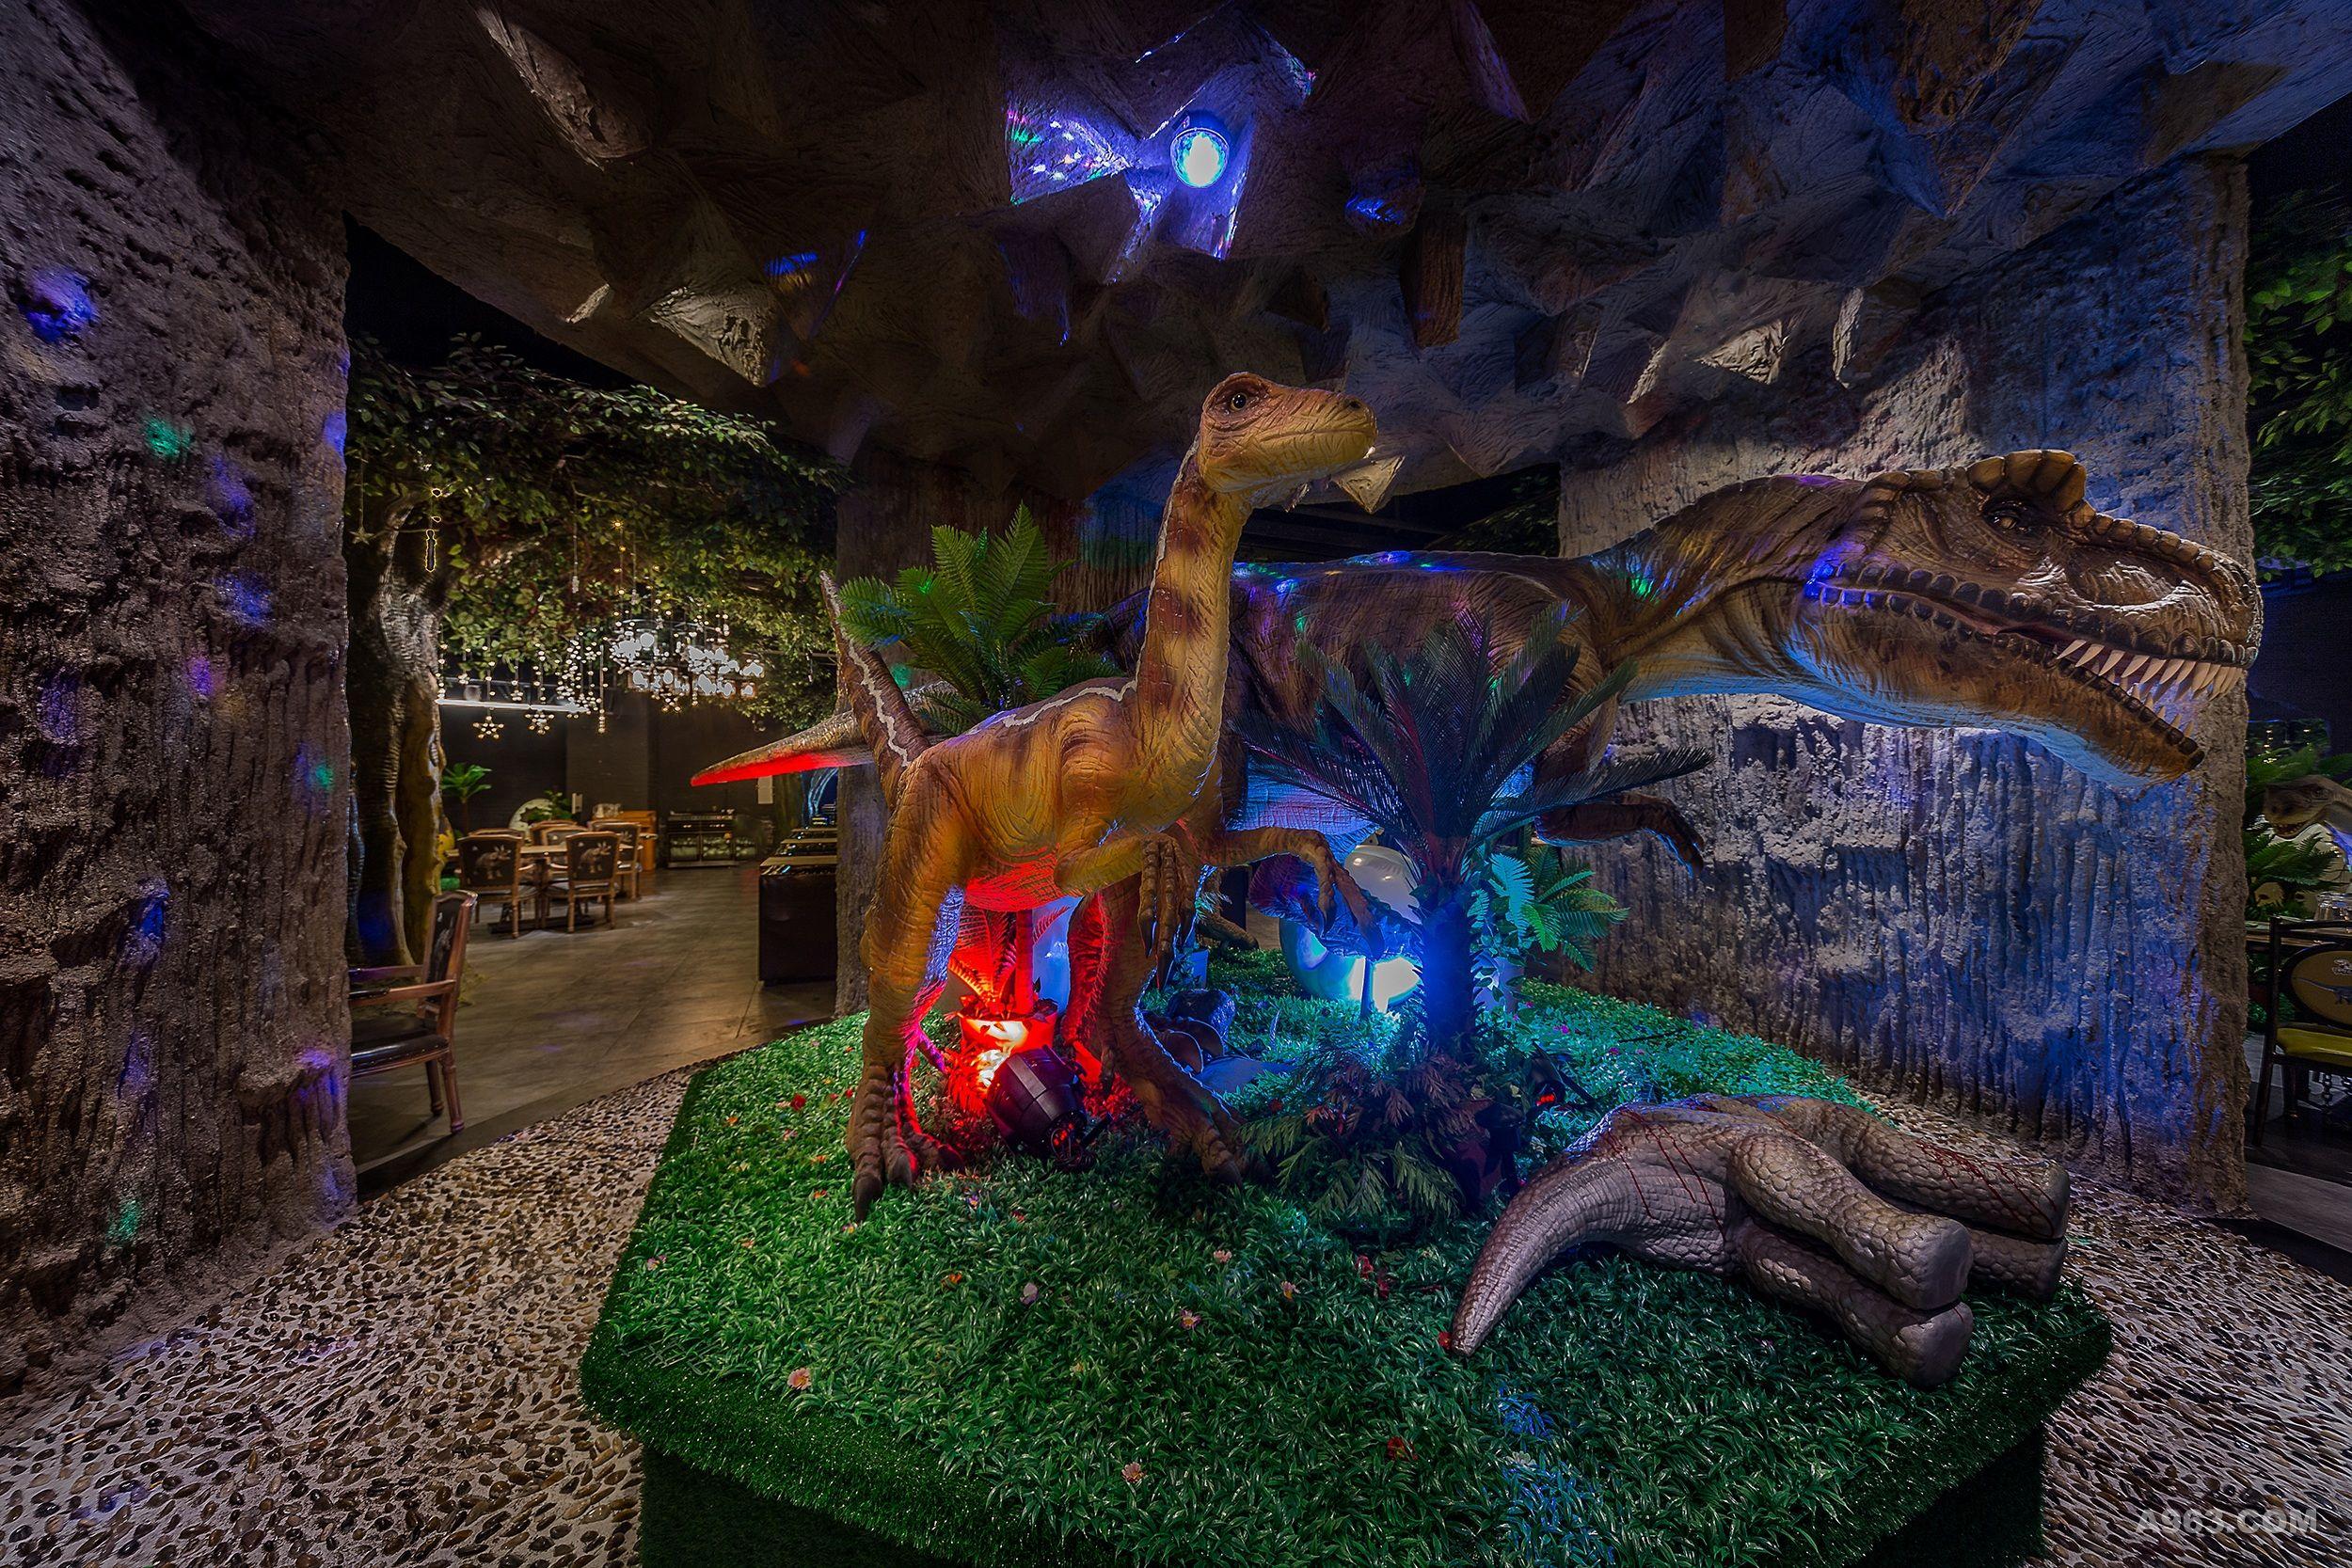 """项目名称:侏罗纪公园主题美食公园 完成时间:2017年5月 设计面积:4500平方米 坐落位置:中国·海口.明珠广场 室内设计:海南悟新设计 主案设计:符芳武 恐龙从出现到灭亡,统治地球长达2亿多年。侏罗纪公园主题美食公园以史前恐龙为设计元素,占地约4500平方米,是目前国内最大的一家恐龙主题餐厅。营造""""侏罗纪公园""""的原始,神秘色彩为主题场景,将远古的恐龙艺术融入饮食文化。以汇集了八大菜系,打造一站式餐饮服务体系,集合日式料理、椰子鸡、川湘菜、粤菜、火锅、港式茶餐厅等"""